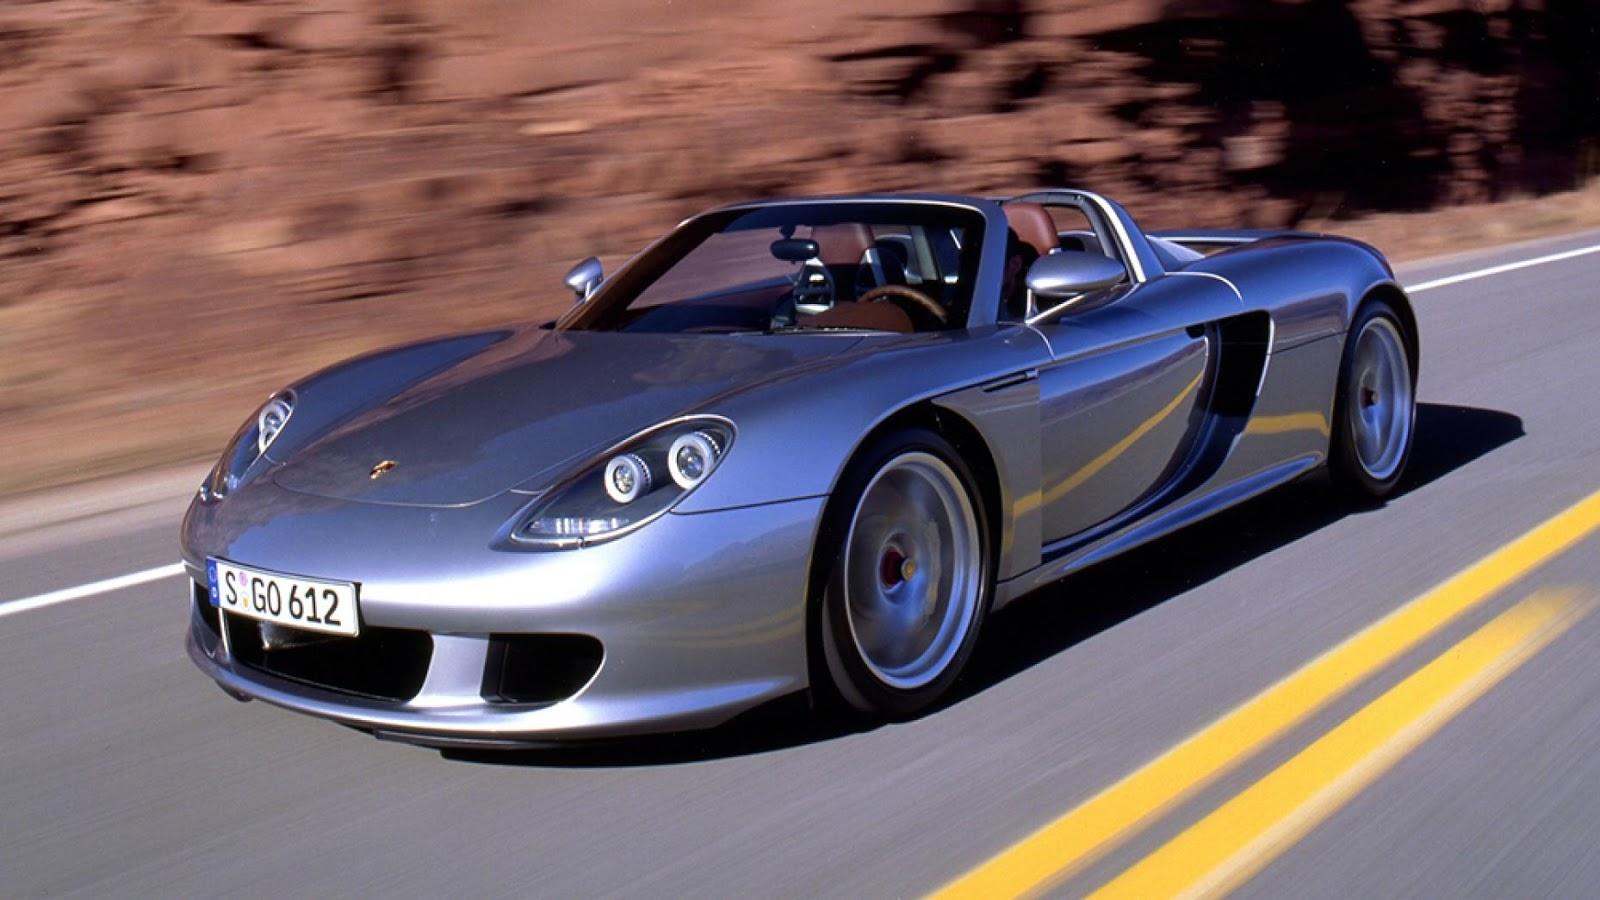 9: Porsche Carrera GT